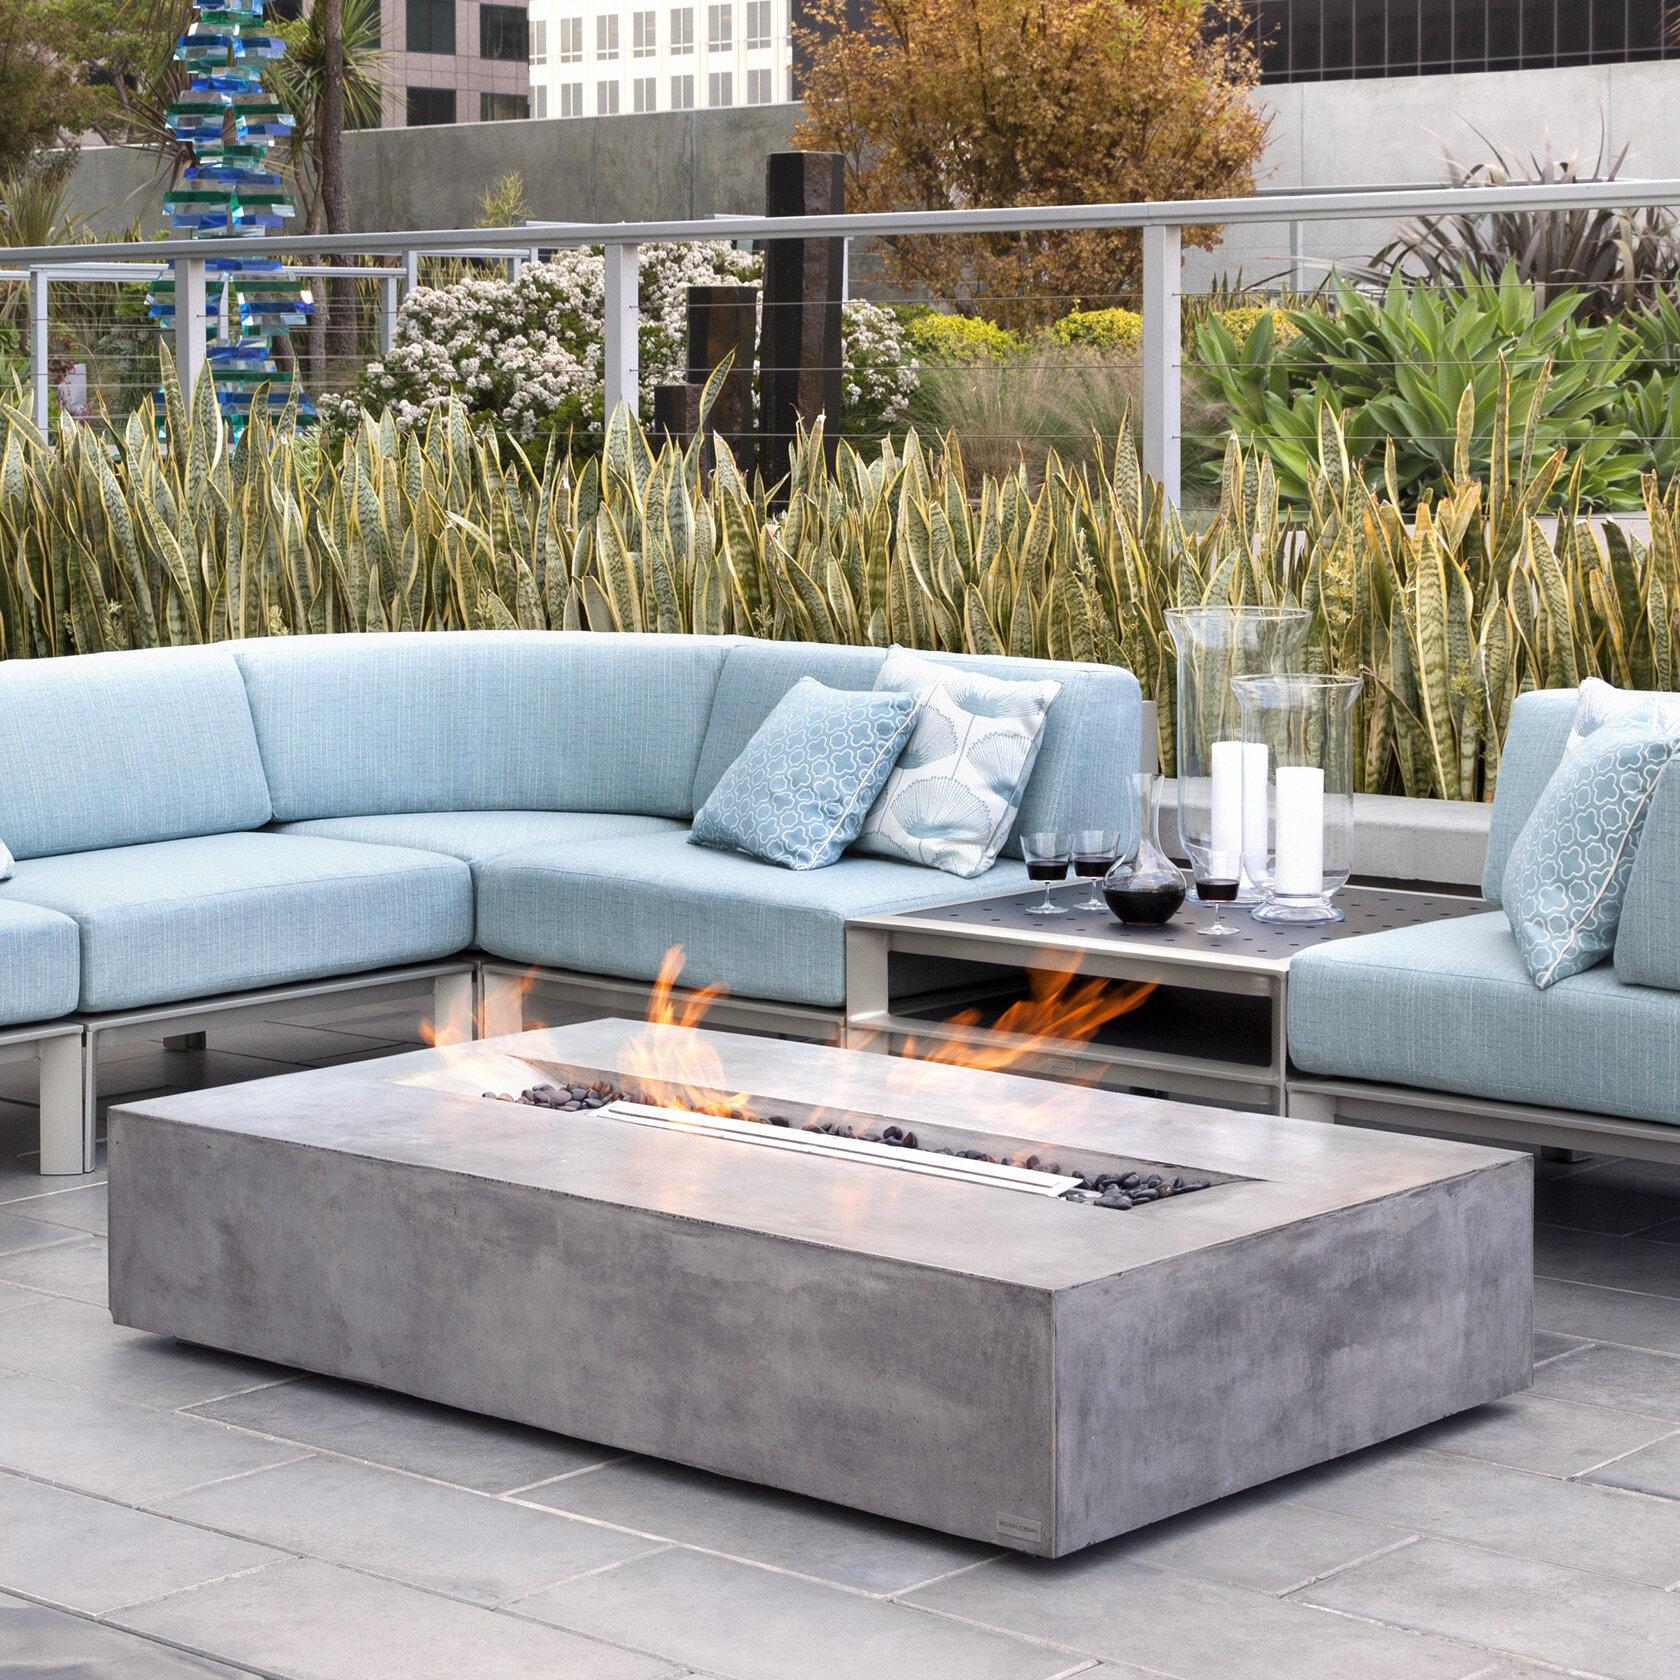 BJFS Flo Concrete Gas Fire Pit Table | Wayfair